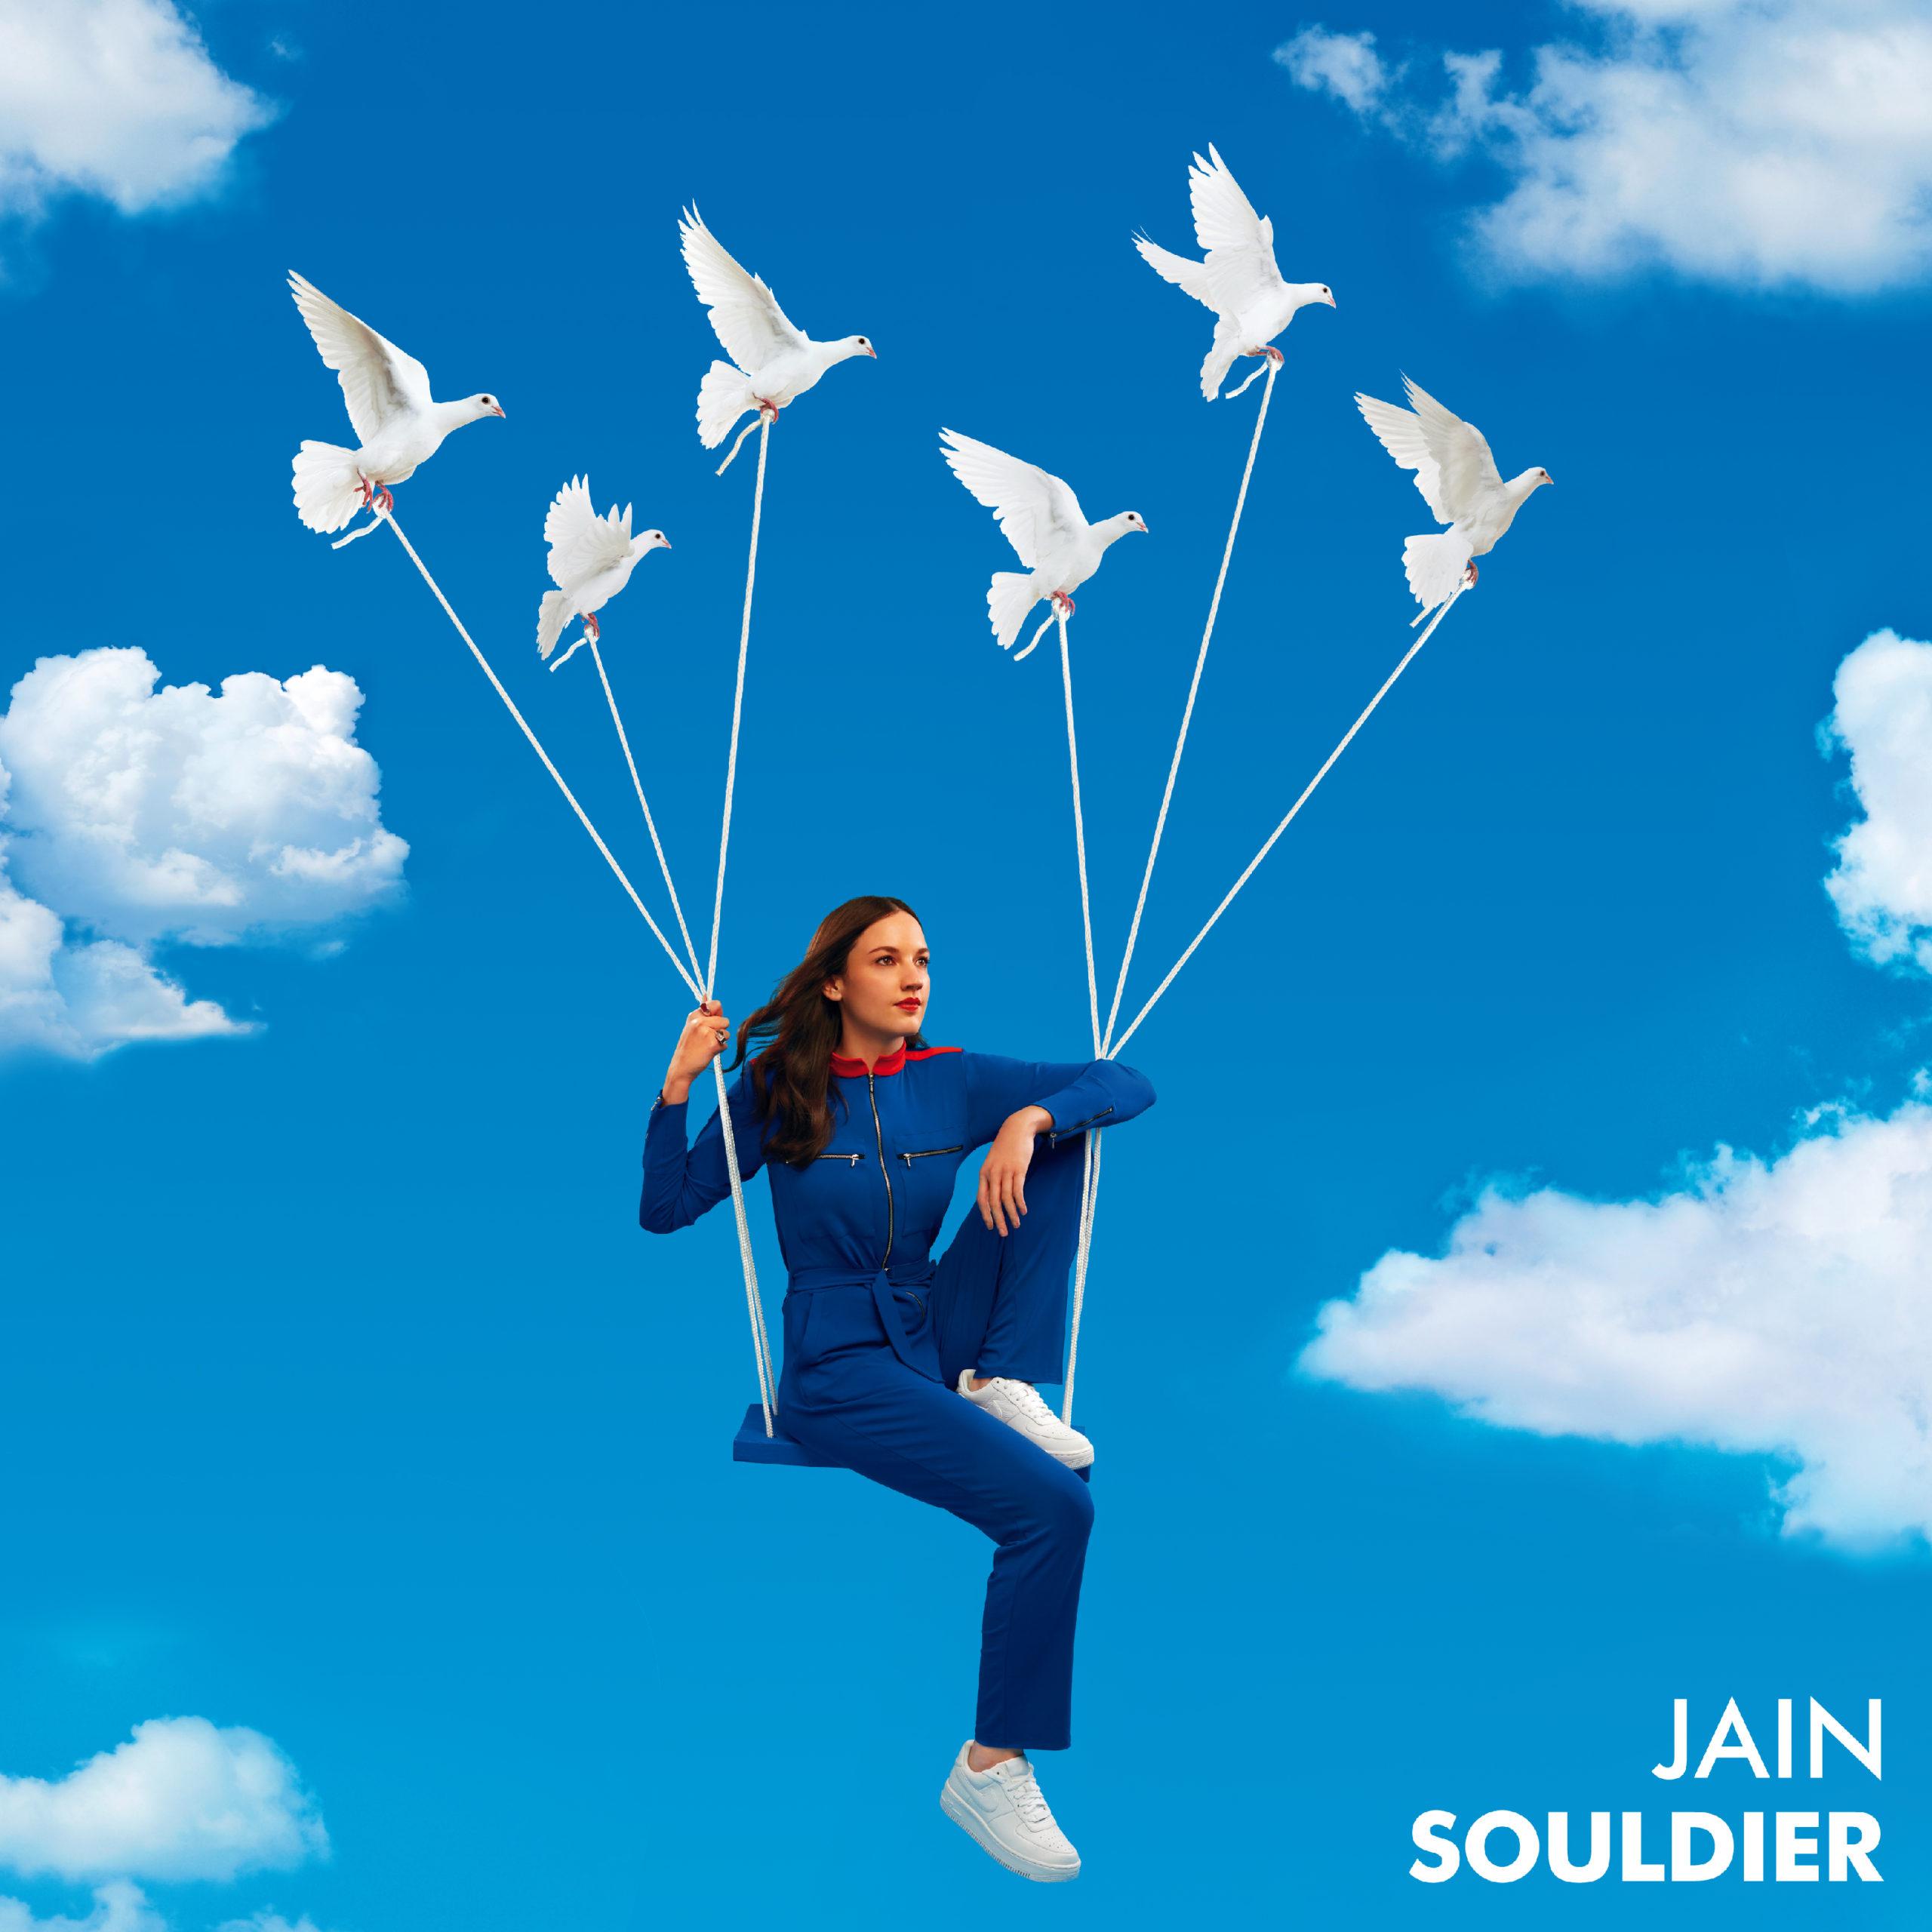 Souldier, le nouvel album de Jain est sorti